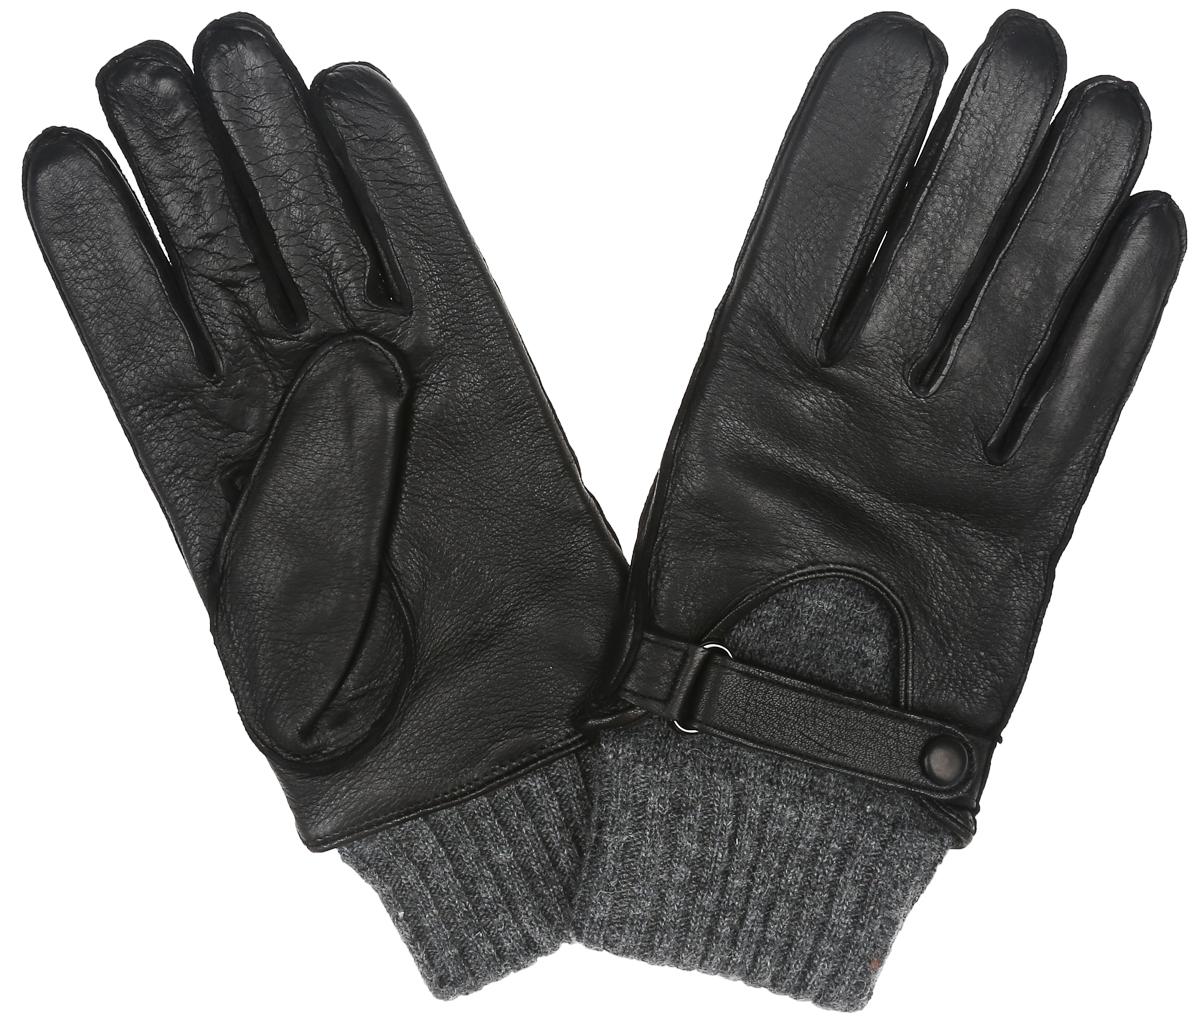 Перчатки мужские. OS455OS455Стильные мужские перчатки Eleganzza выполнены из чрезвычайно мягкой и приятной на ощупь натуральной кожи, а их подкладка - из натуральной шерсти. С лицевой стороны модель оформлена декоративным ремешком на застежке-кнопке. Шерстяные манжеты облегают запястье. В настоящее время перчатки являются неотъемлемой принадлежностью одежды. Перчатки станут завершающим и подчеркивающим элементом вашего стиля и неповторимости.